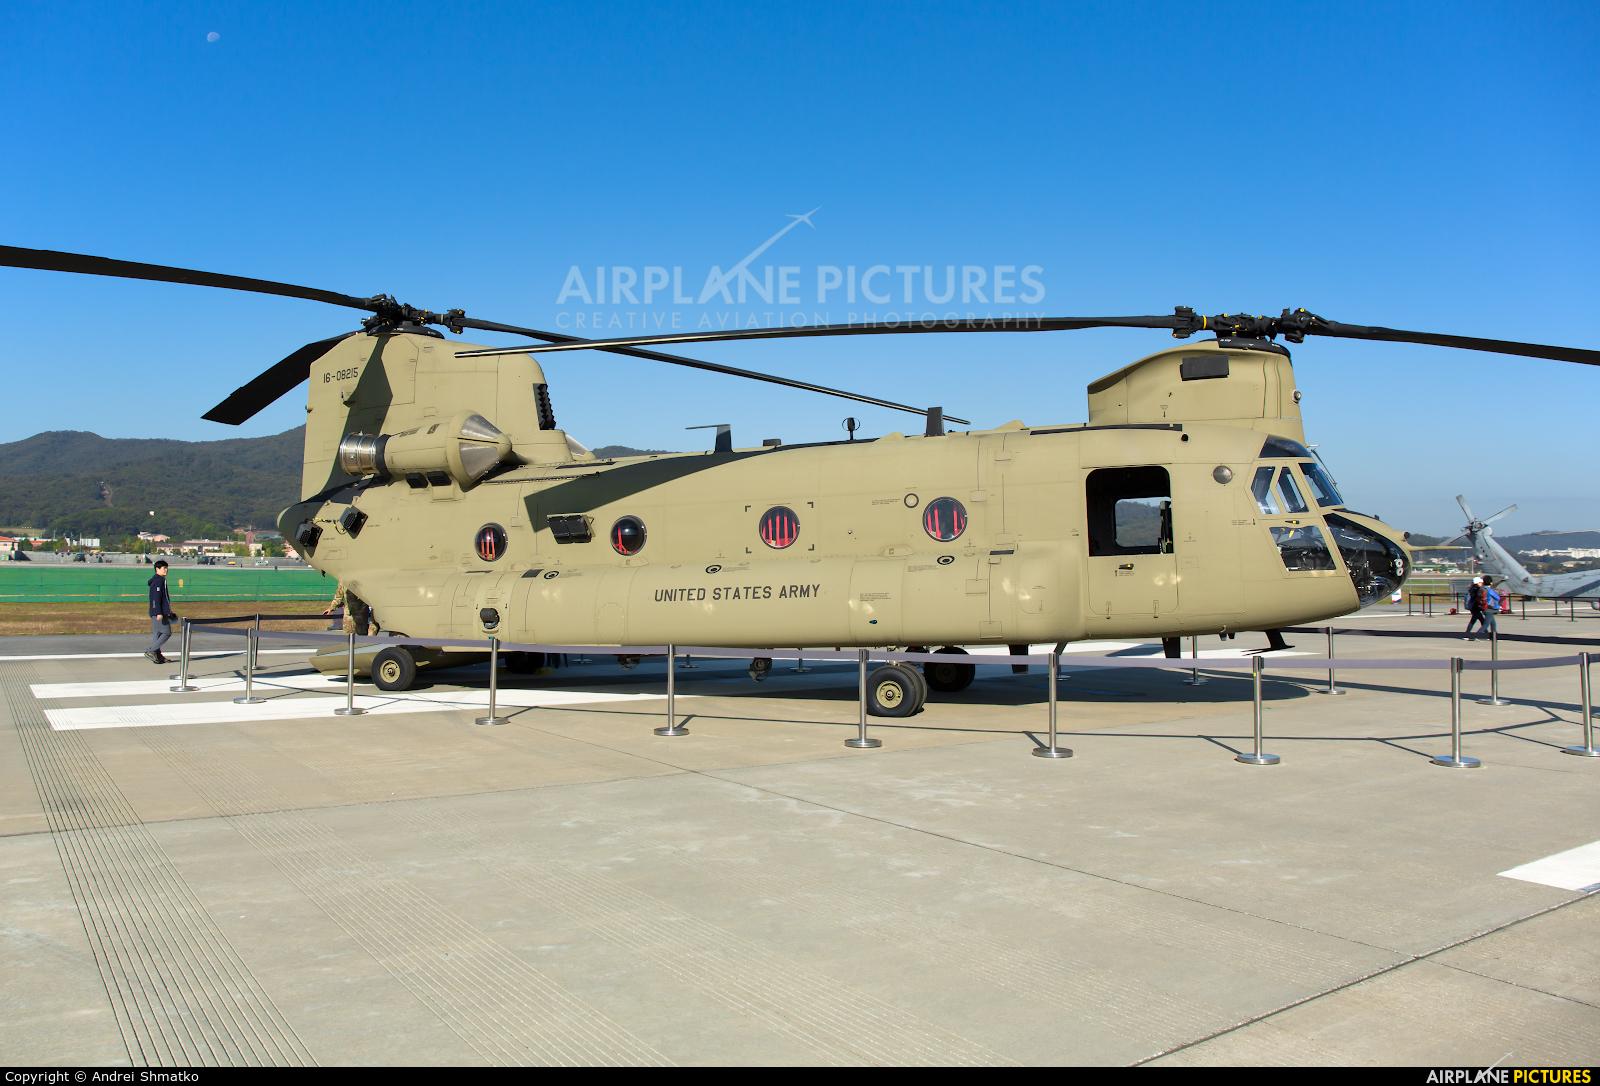 USA - Army 16-08215 aircraft at Seongnam AB